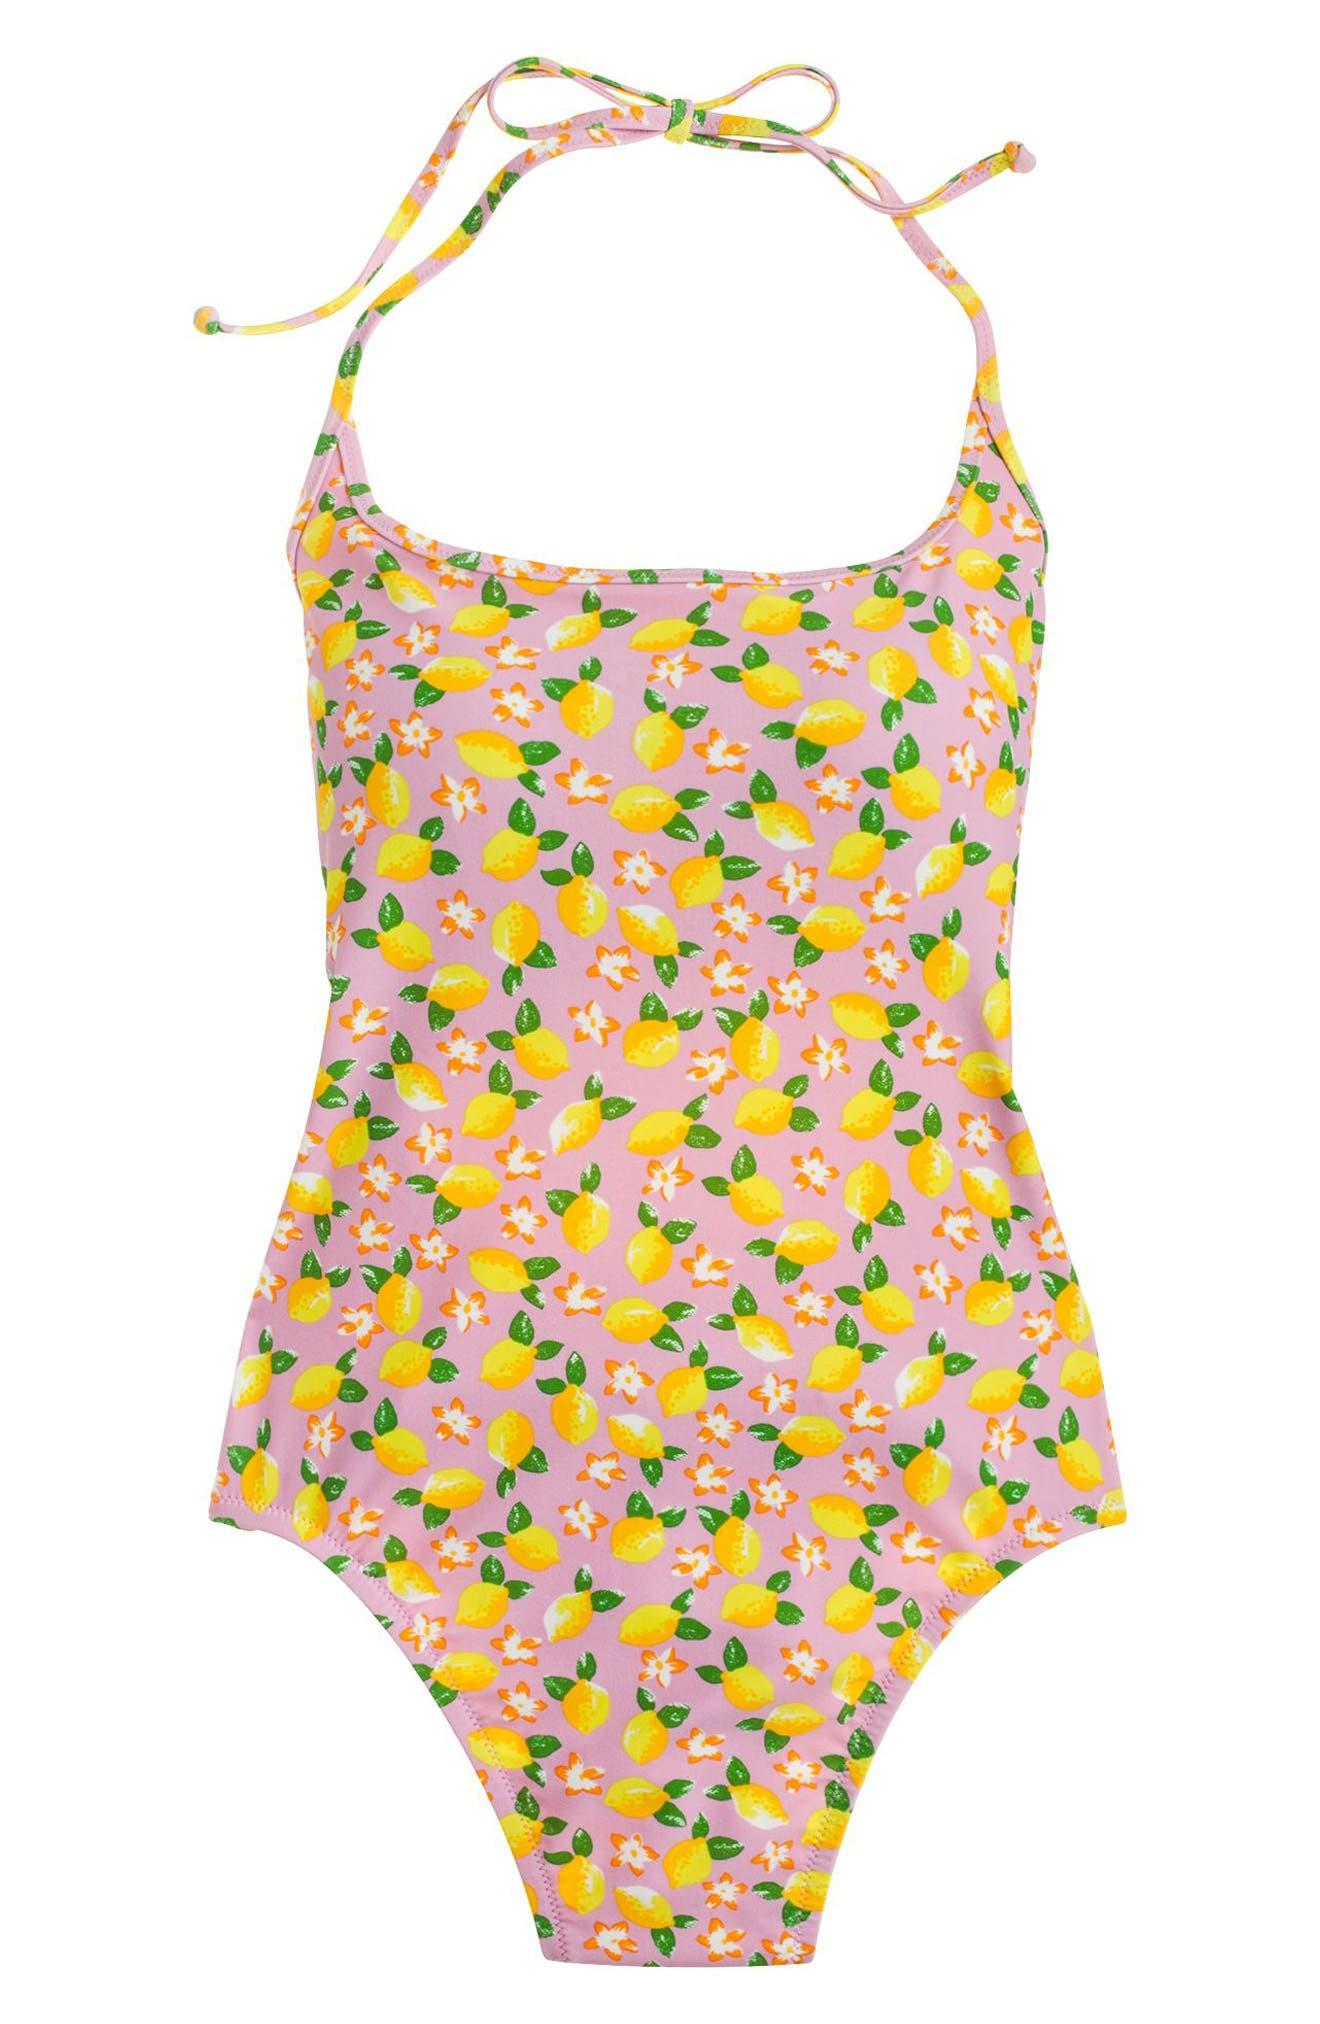 Lemon Print One-Piece Swimsuit,                             Alternate thumbnail 4, color,                             703